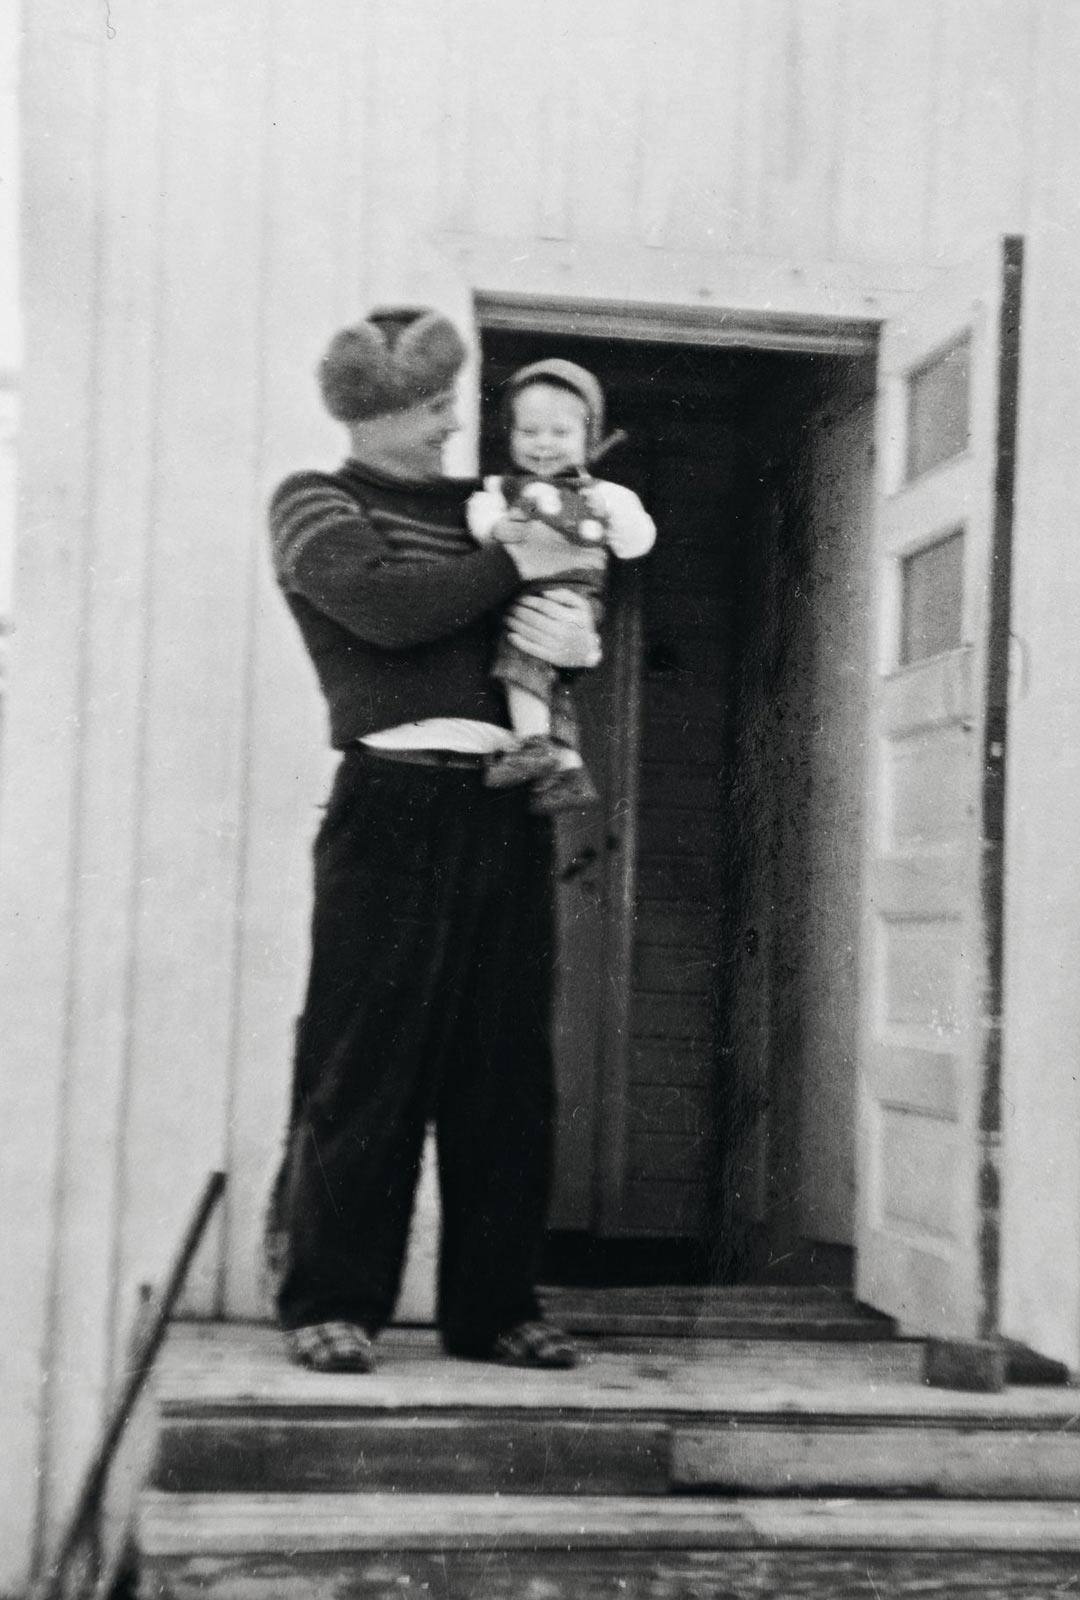 Vuonna 1937 syntynyt Pentti isänsä sylissä kotitalon portailla ennen sotia.